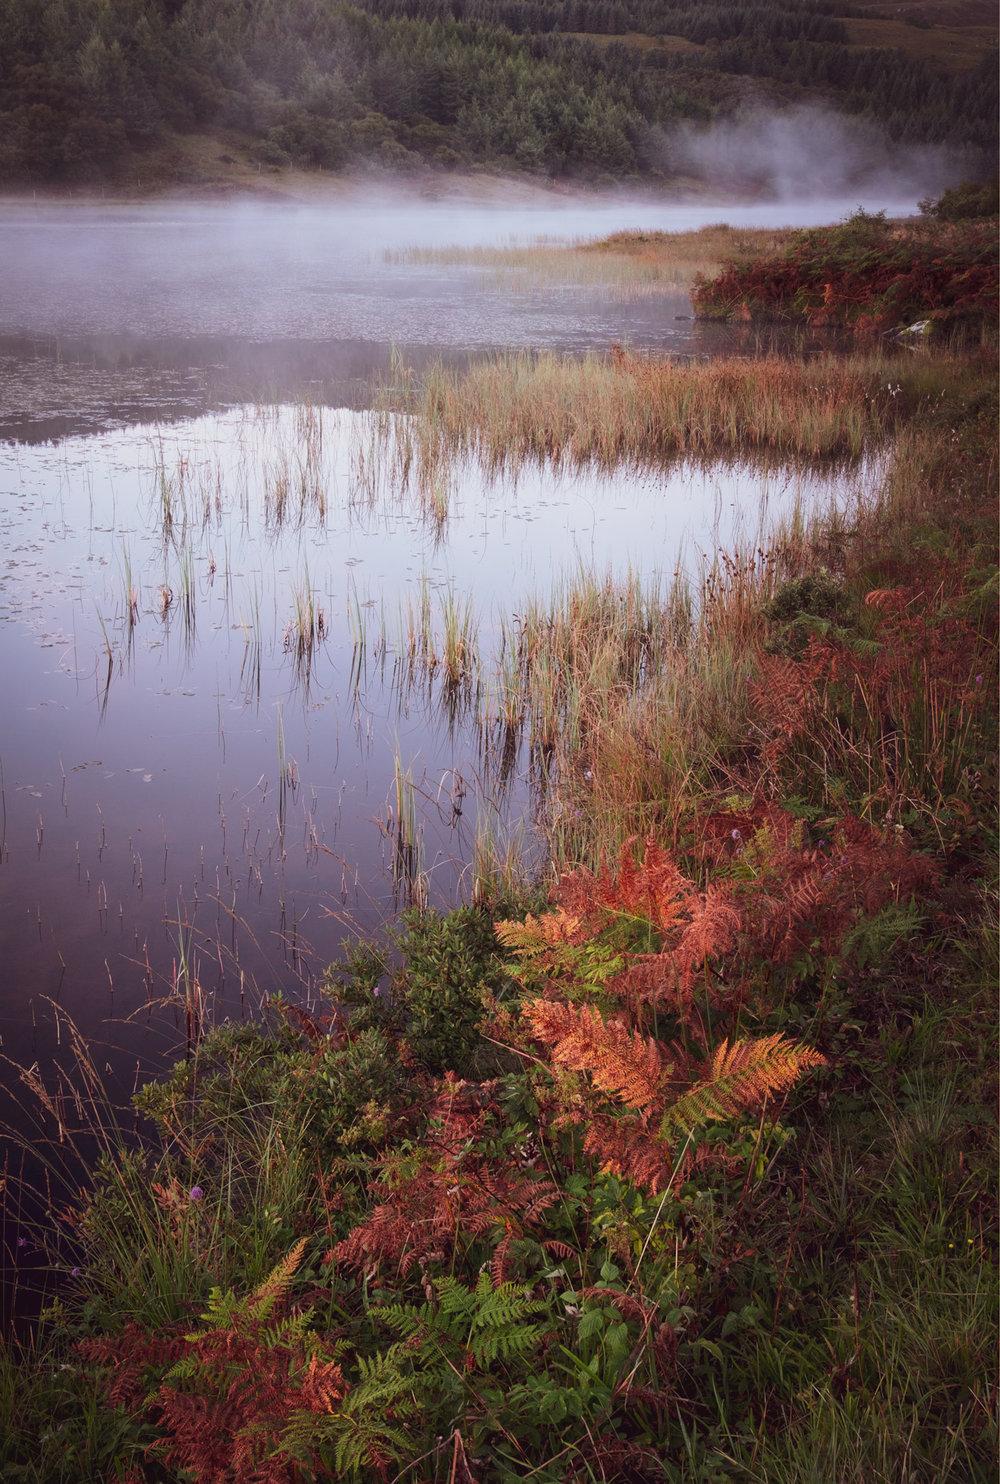 NigelCookePhotography_NorthernIreland-98.jpg